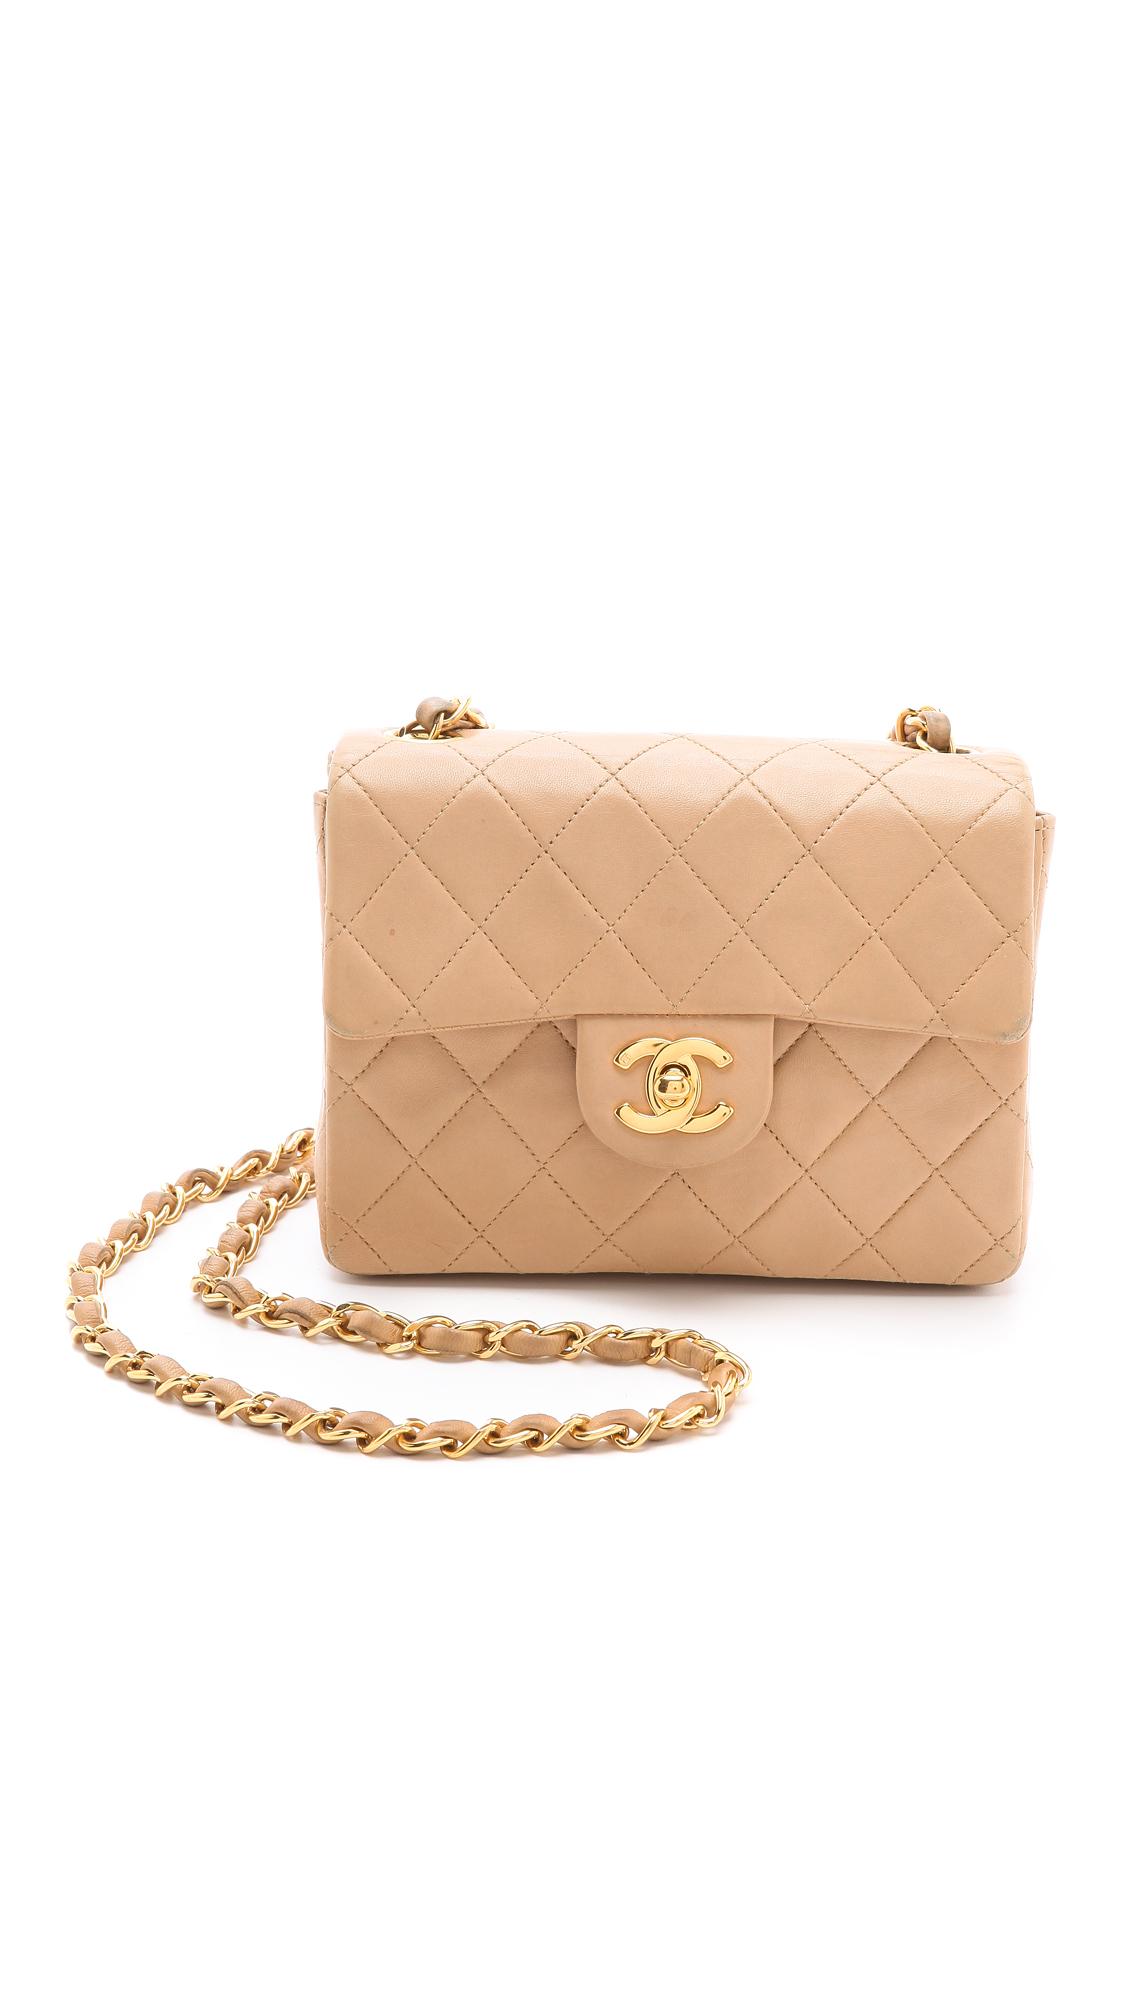 d707698e8443aa WGACA Vintage Vintage Chanel Mini Bag   SHOPBOP